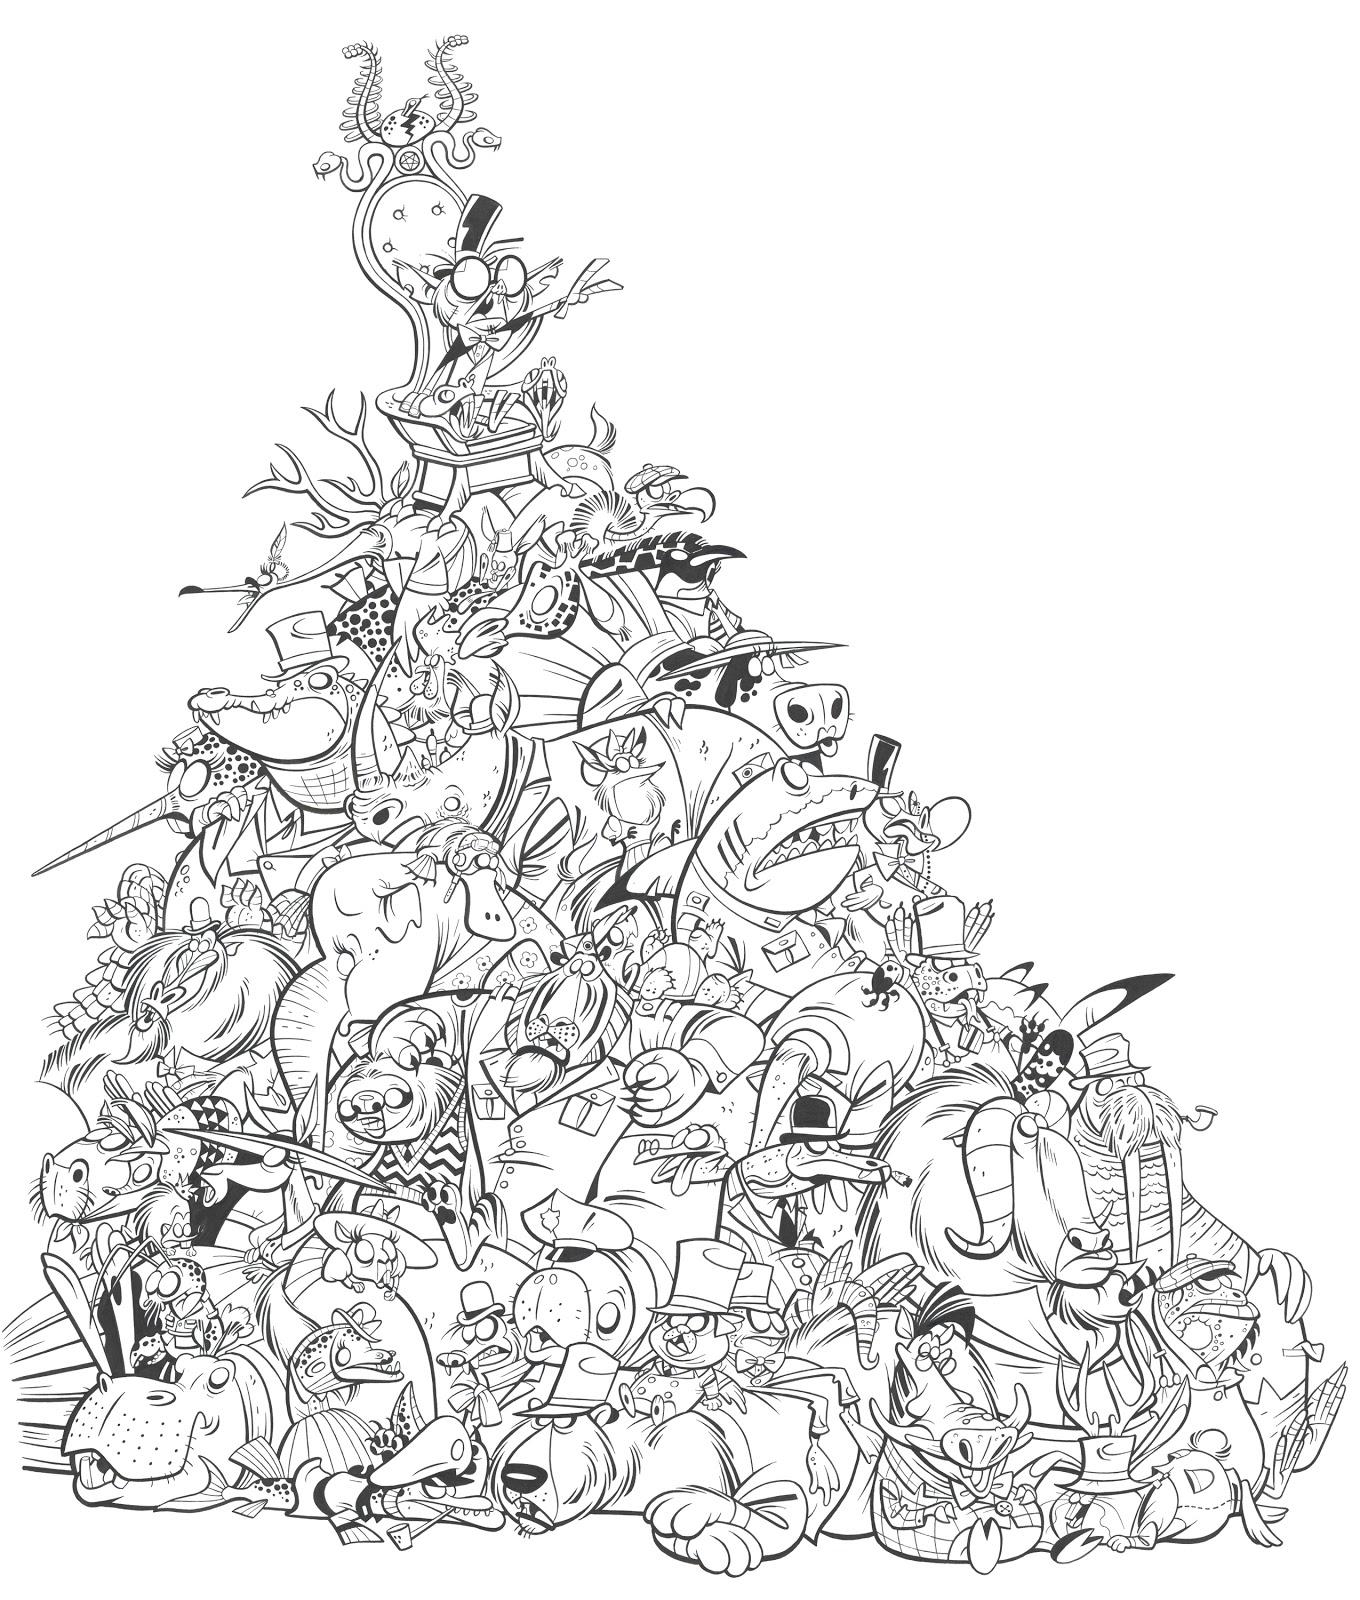 1360x1600 Ben Balistreri Animal Pile Inked